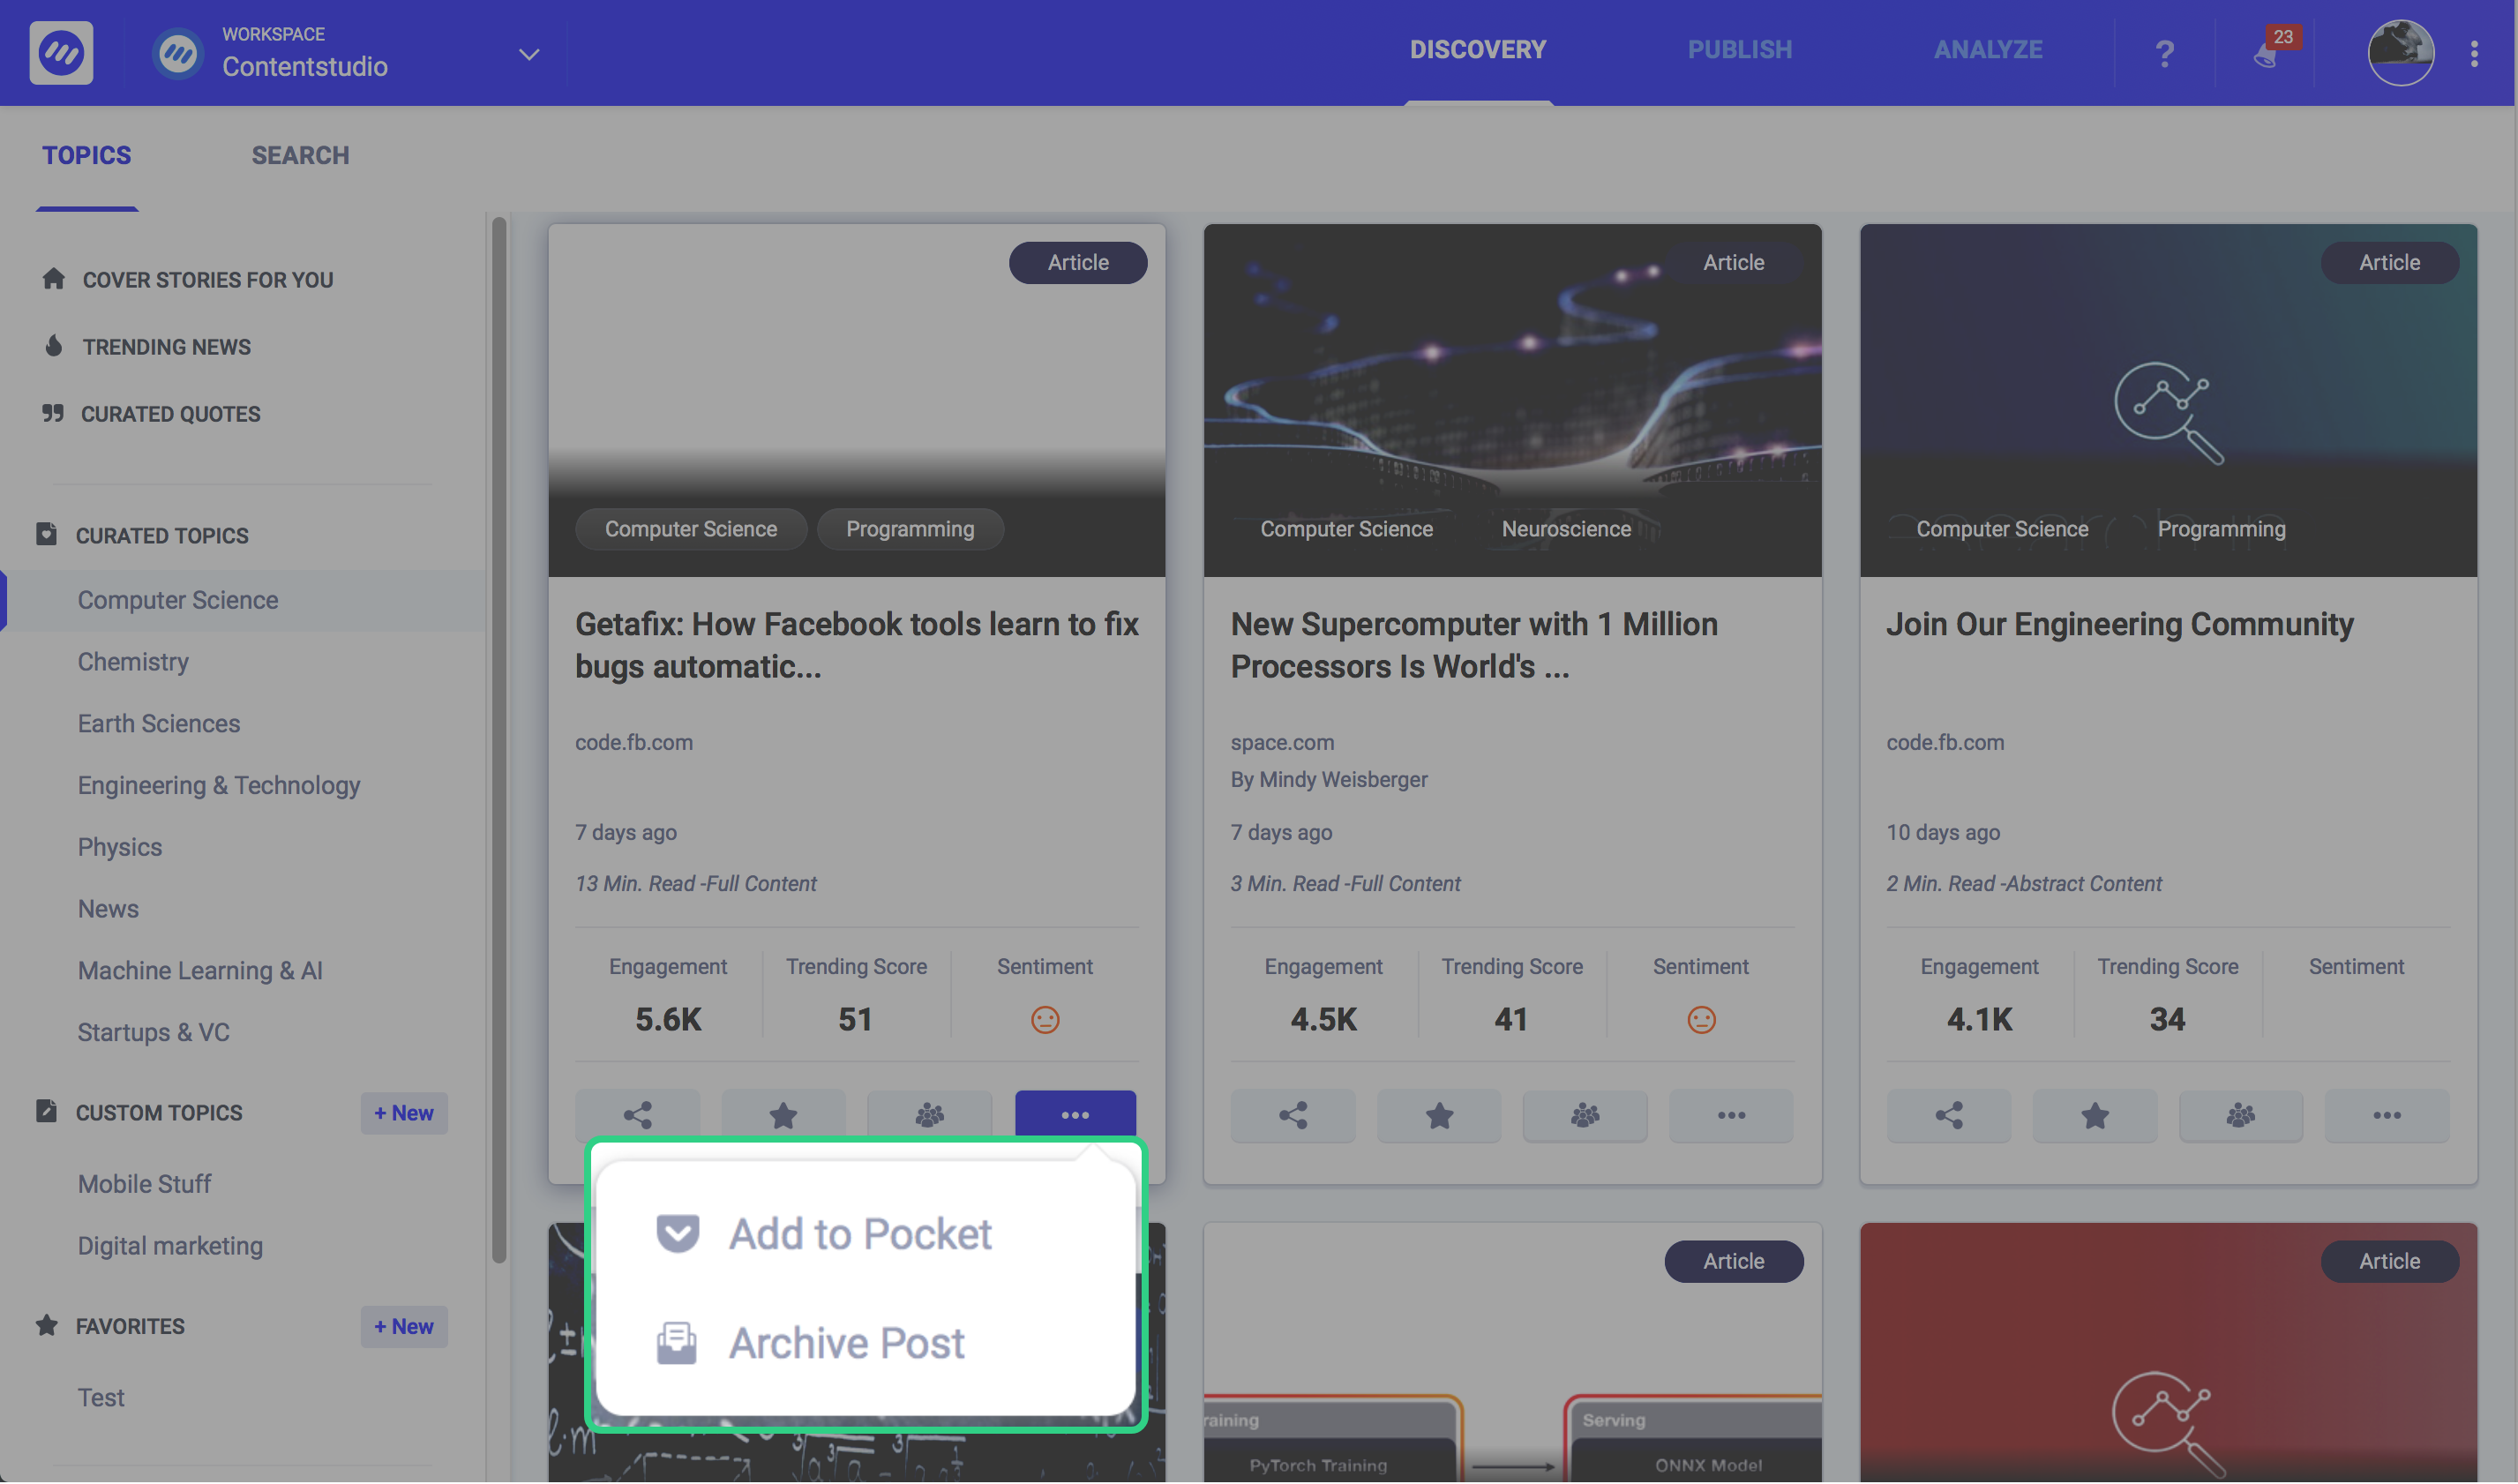 best social media scheduling tools - ContentStudio